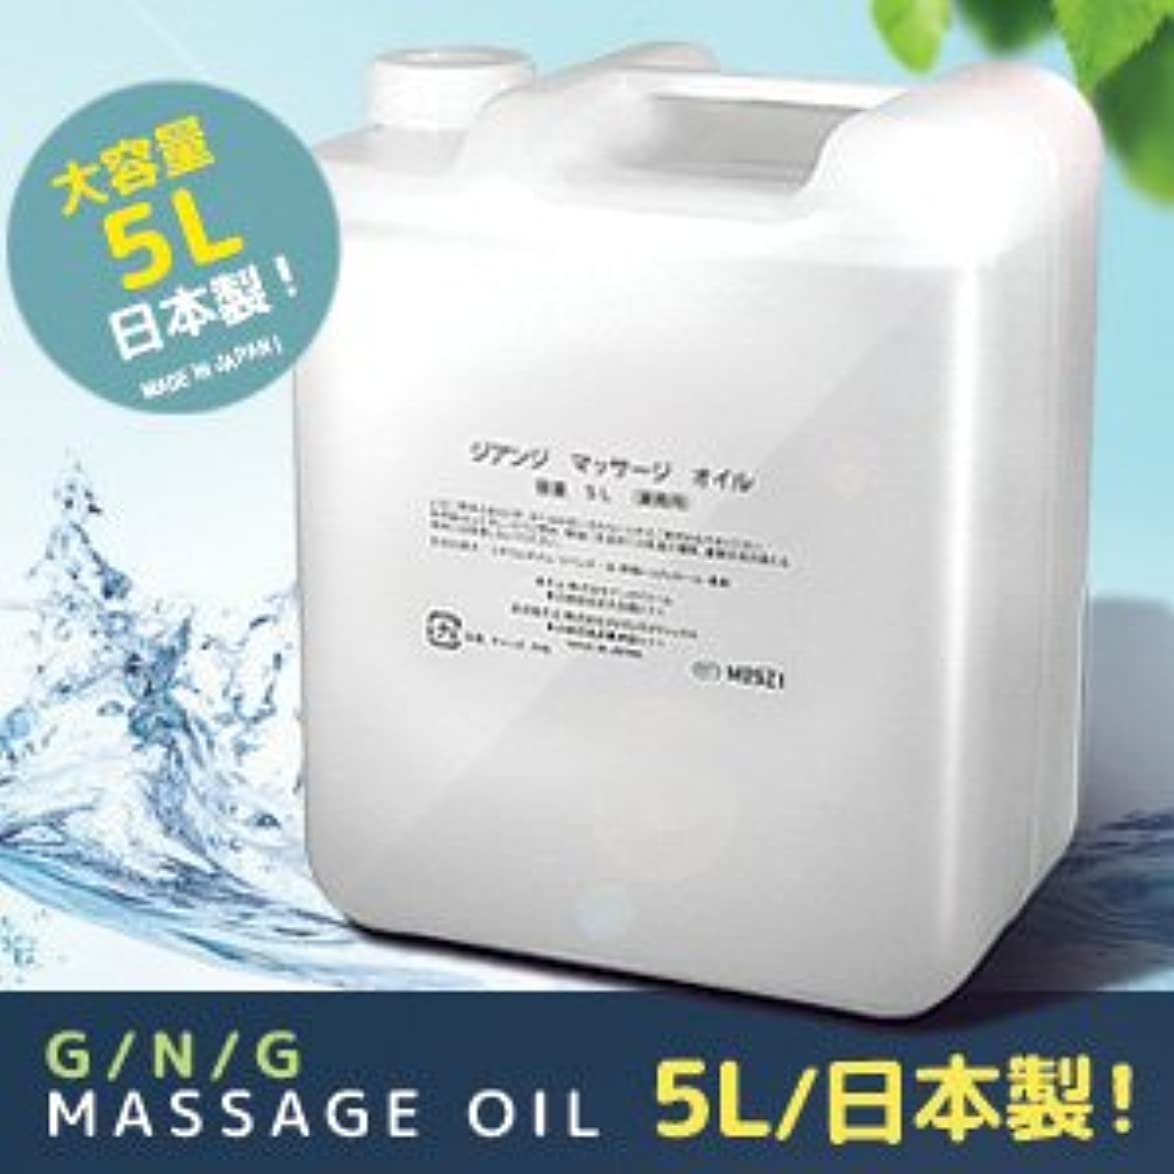 水曜日ブランド名絞る日本製 業務用マッサージオイル 5L 無着色?無香料?スクワラン、ホホバ種子油配合